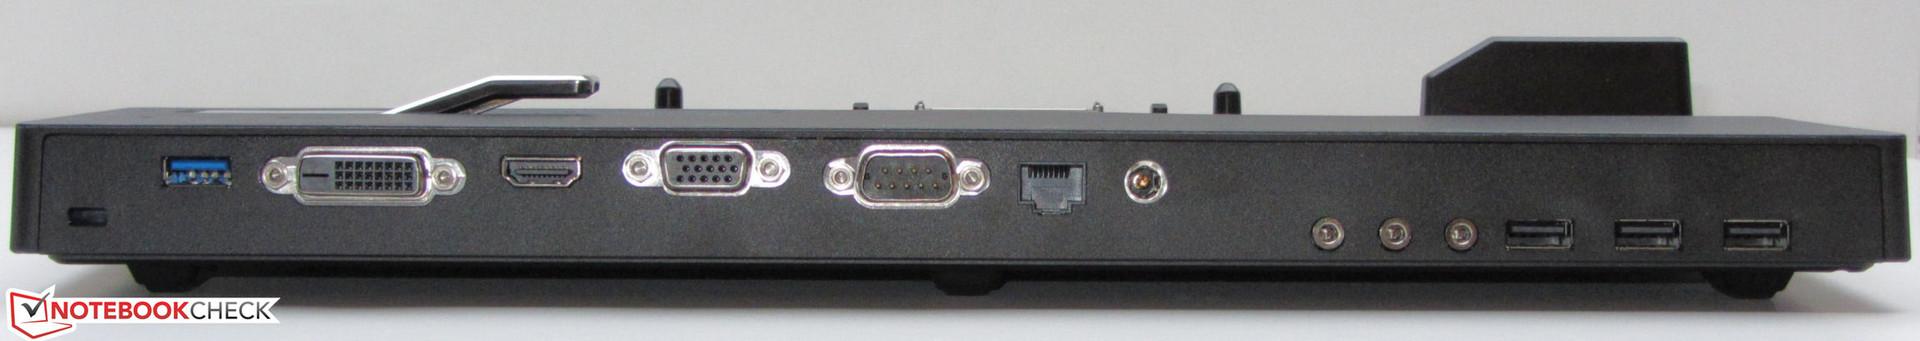 ASUS B43E NOTEBOOK HUAWEI EM770 3G TREIBER WINDOWS 8